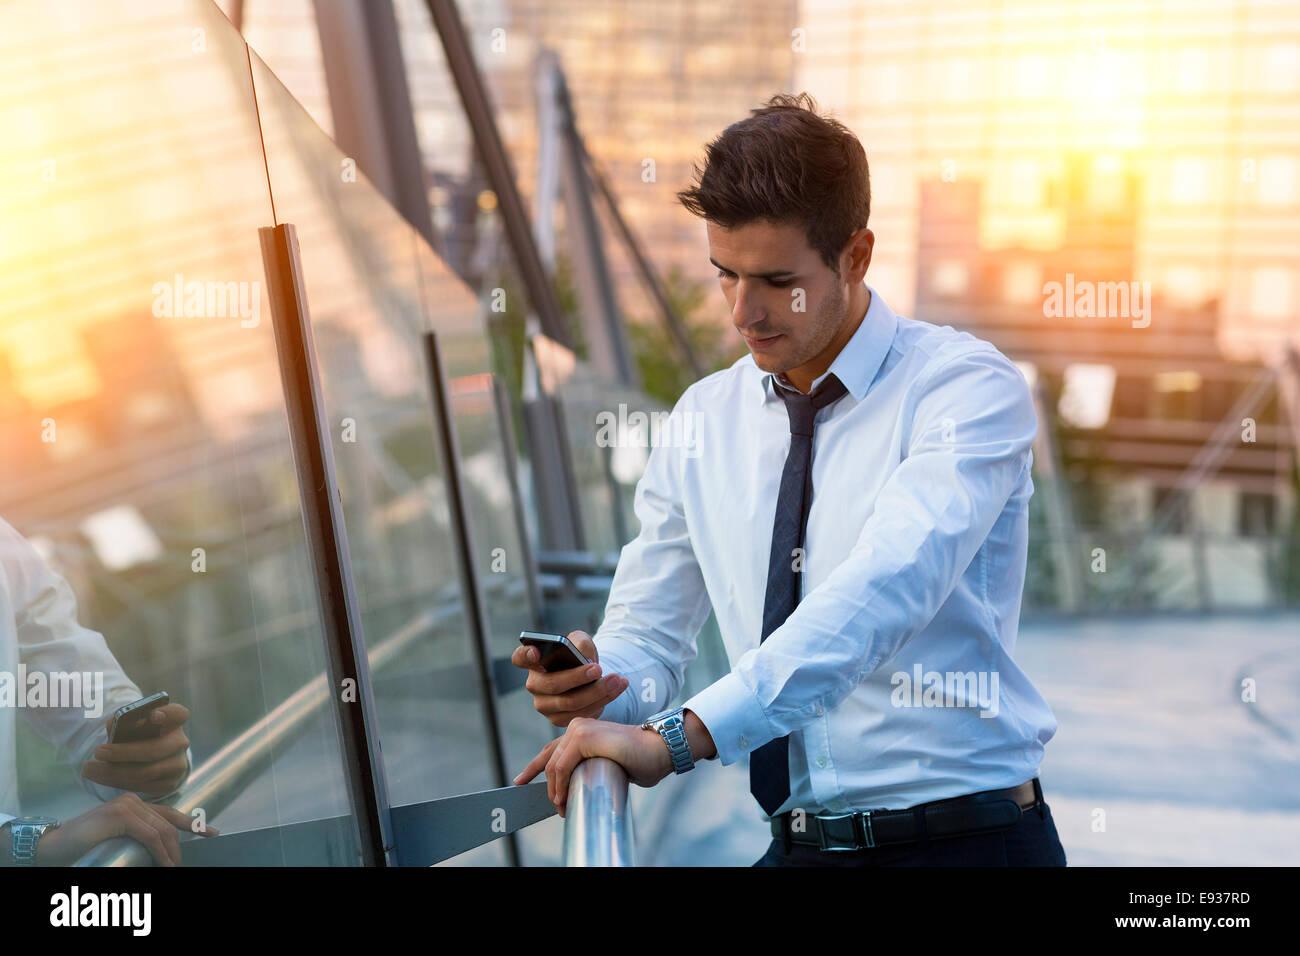 Retrato del empresario utilizando teléfonos inteligentes. Imagen De Stock